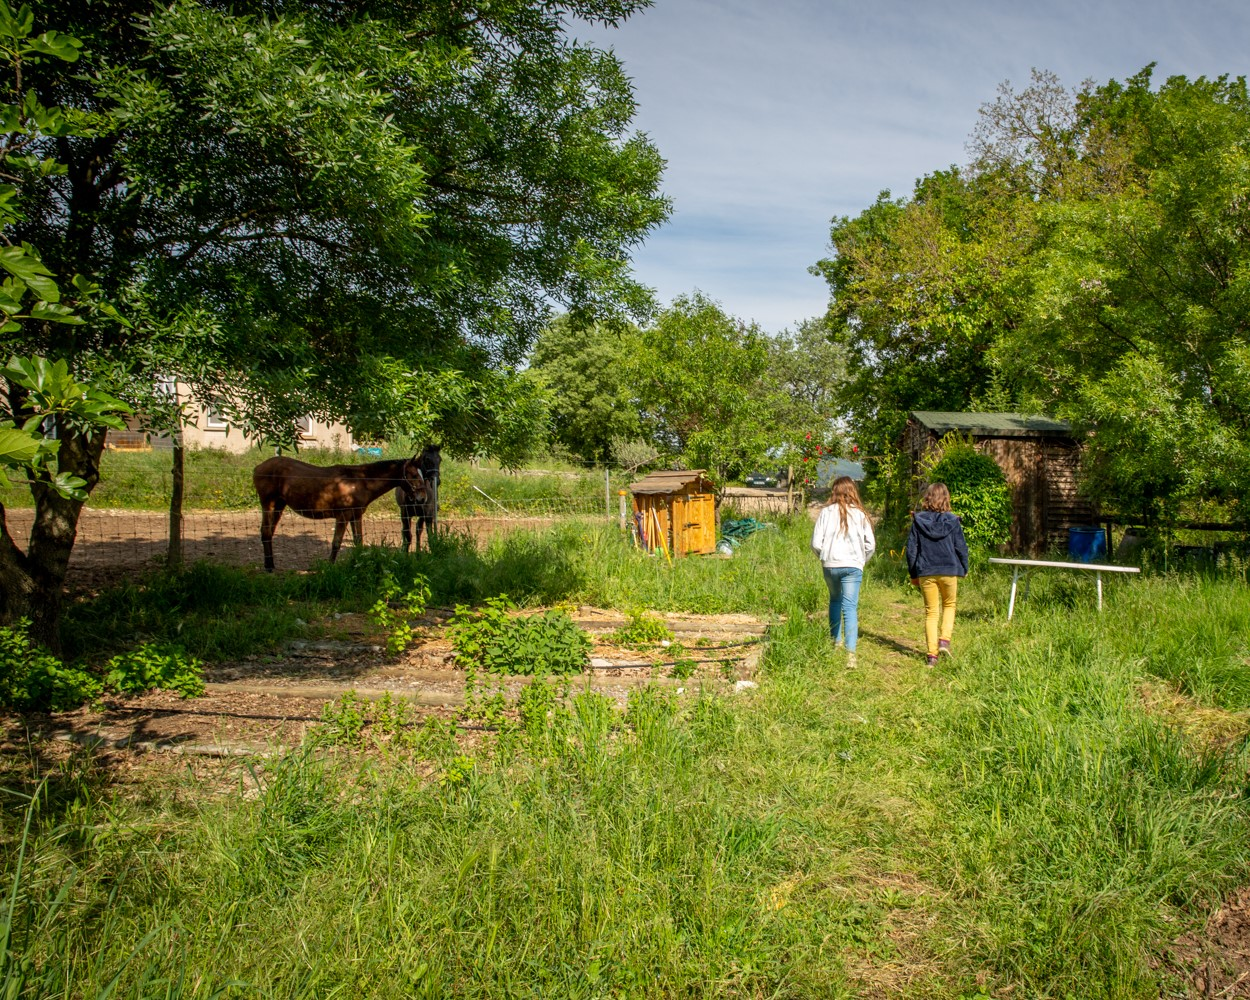 2 enfants marchant près d'un cheval